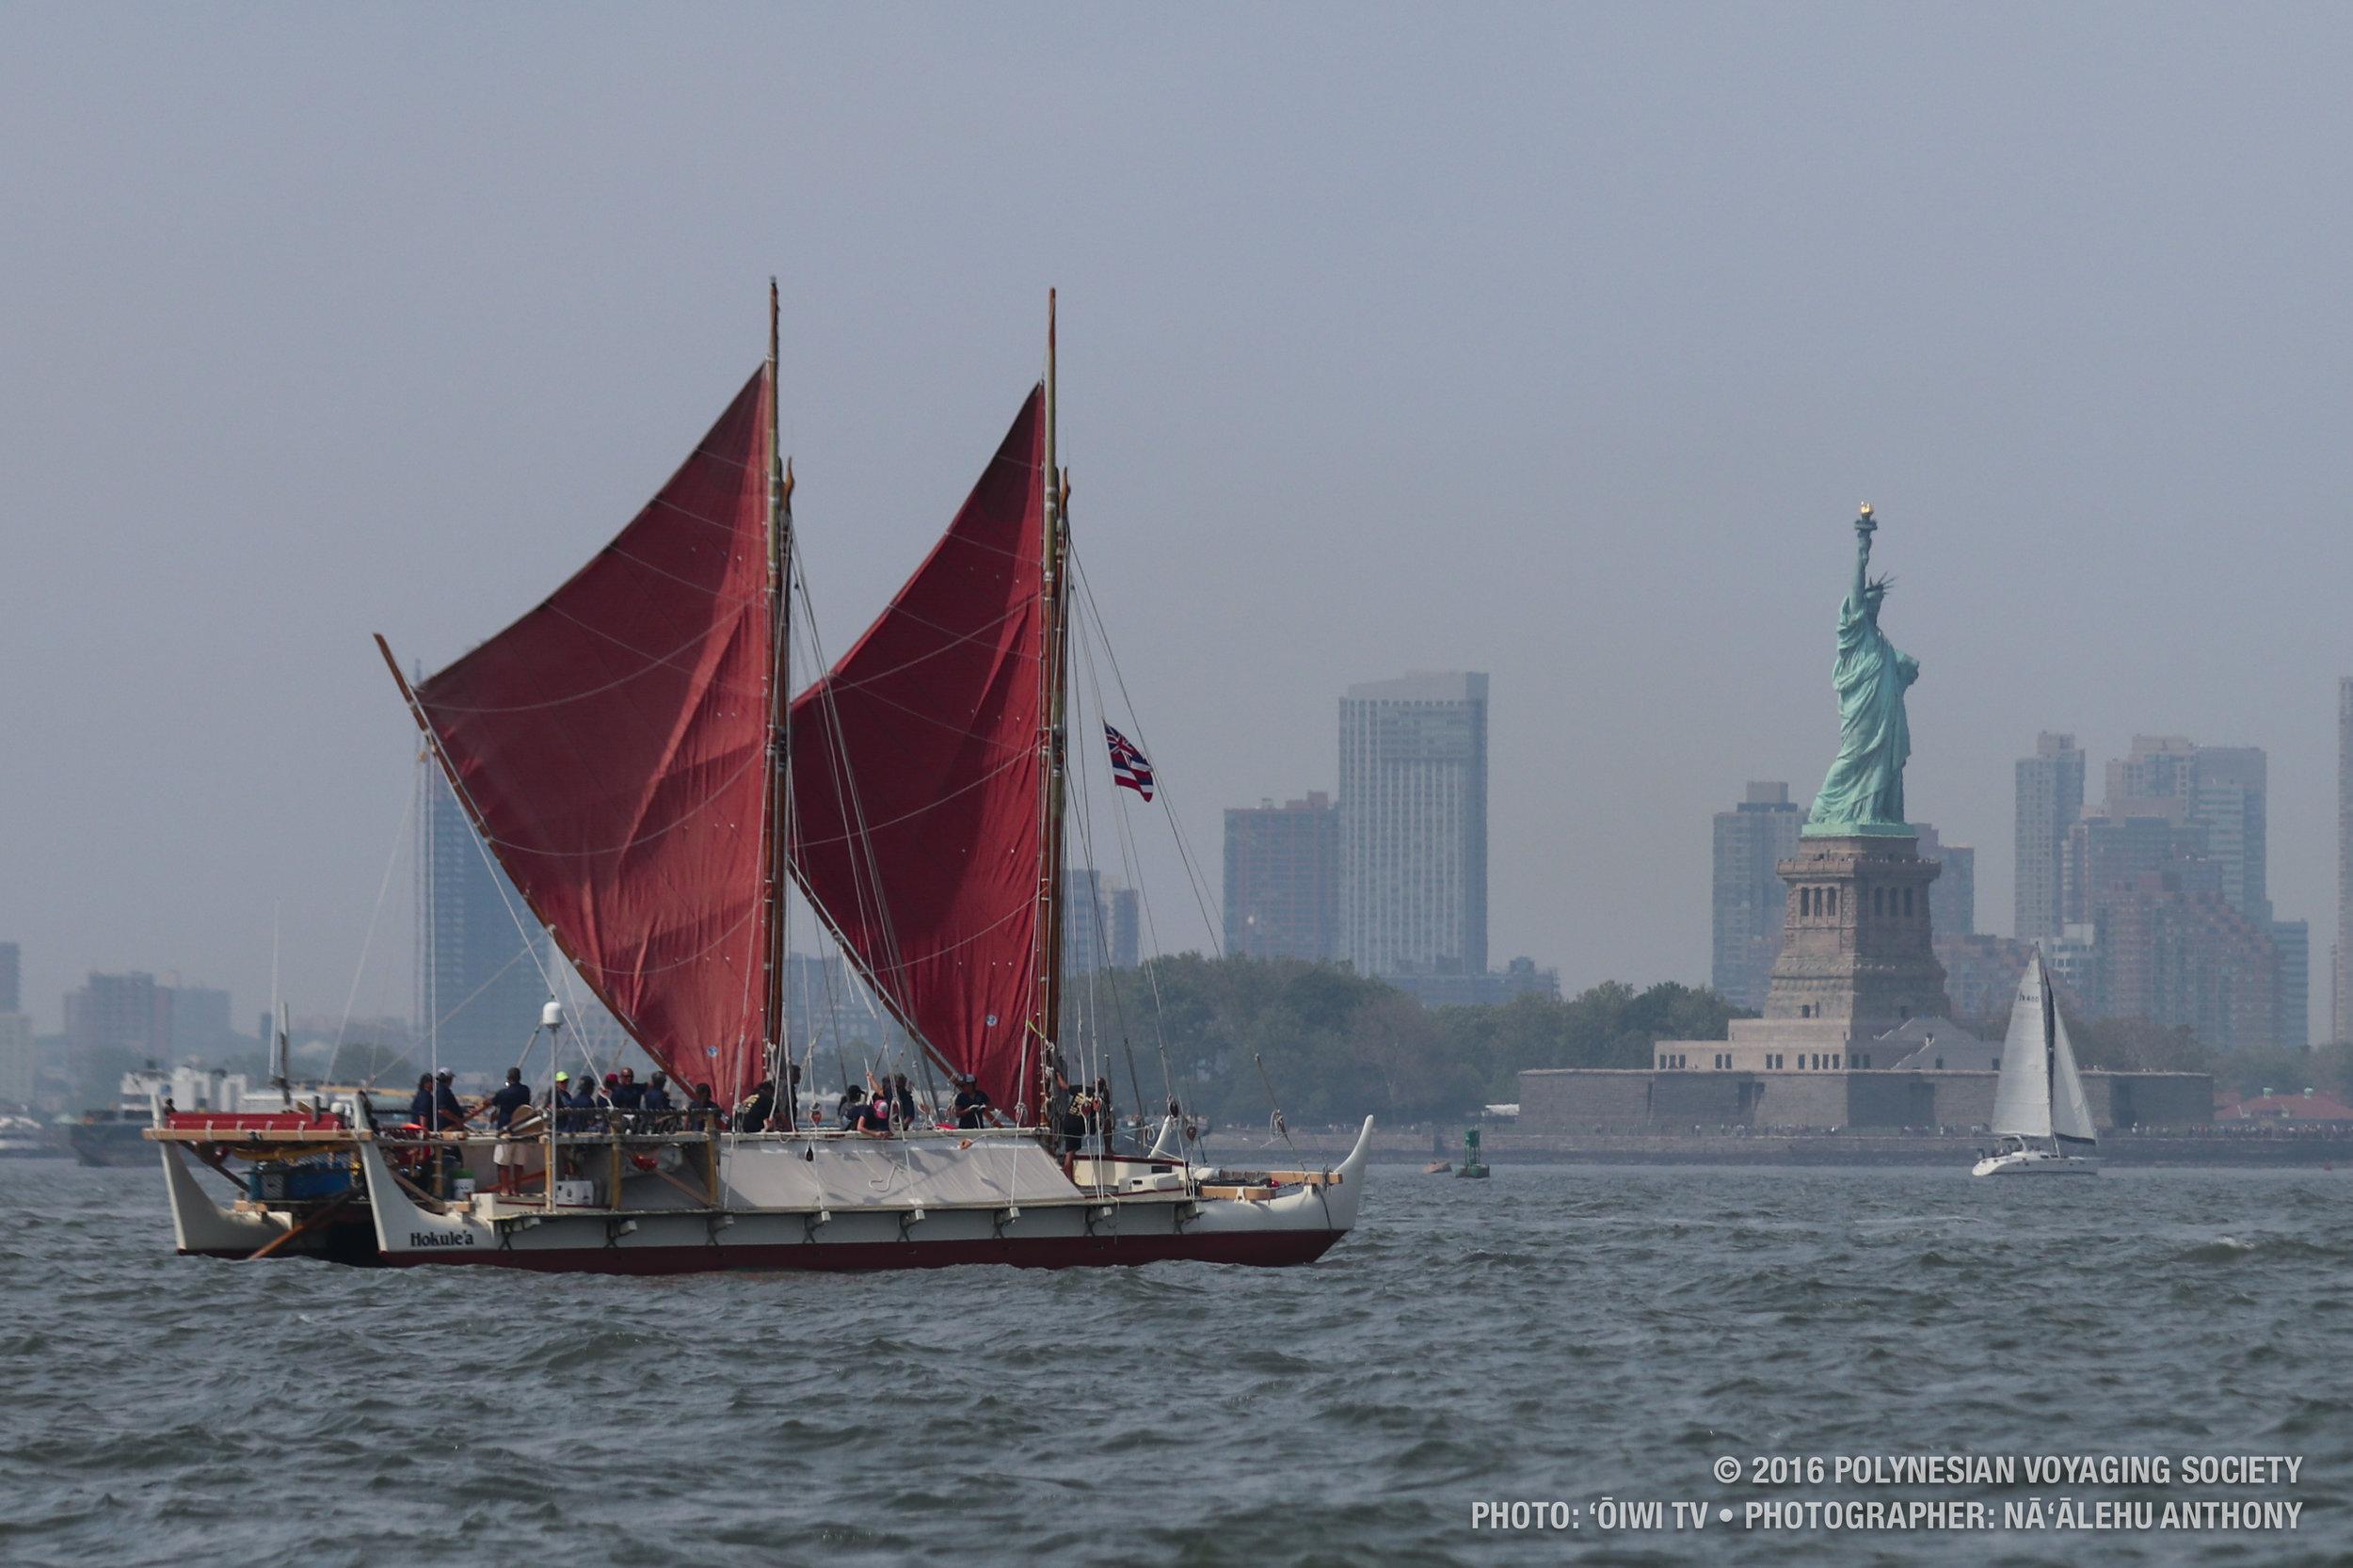 Copy of Hōkūleʻa in Manhattan